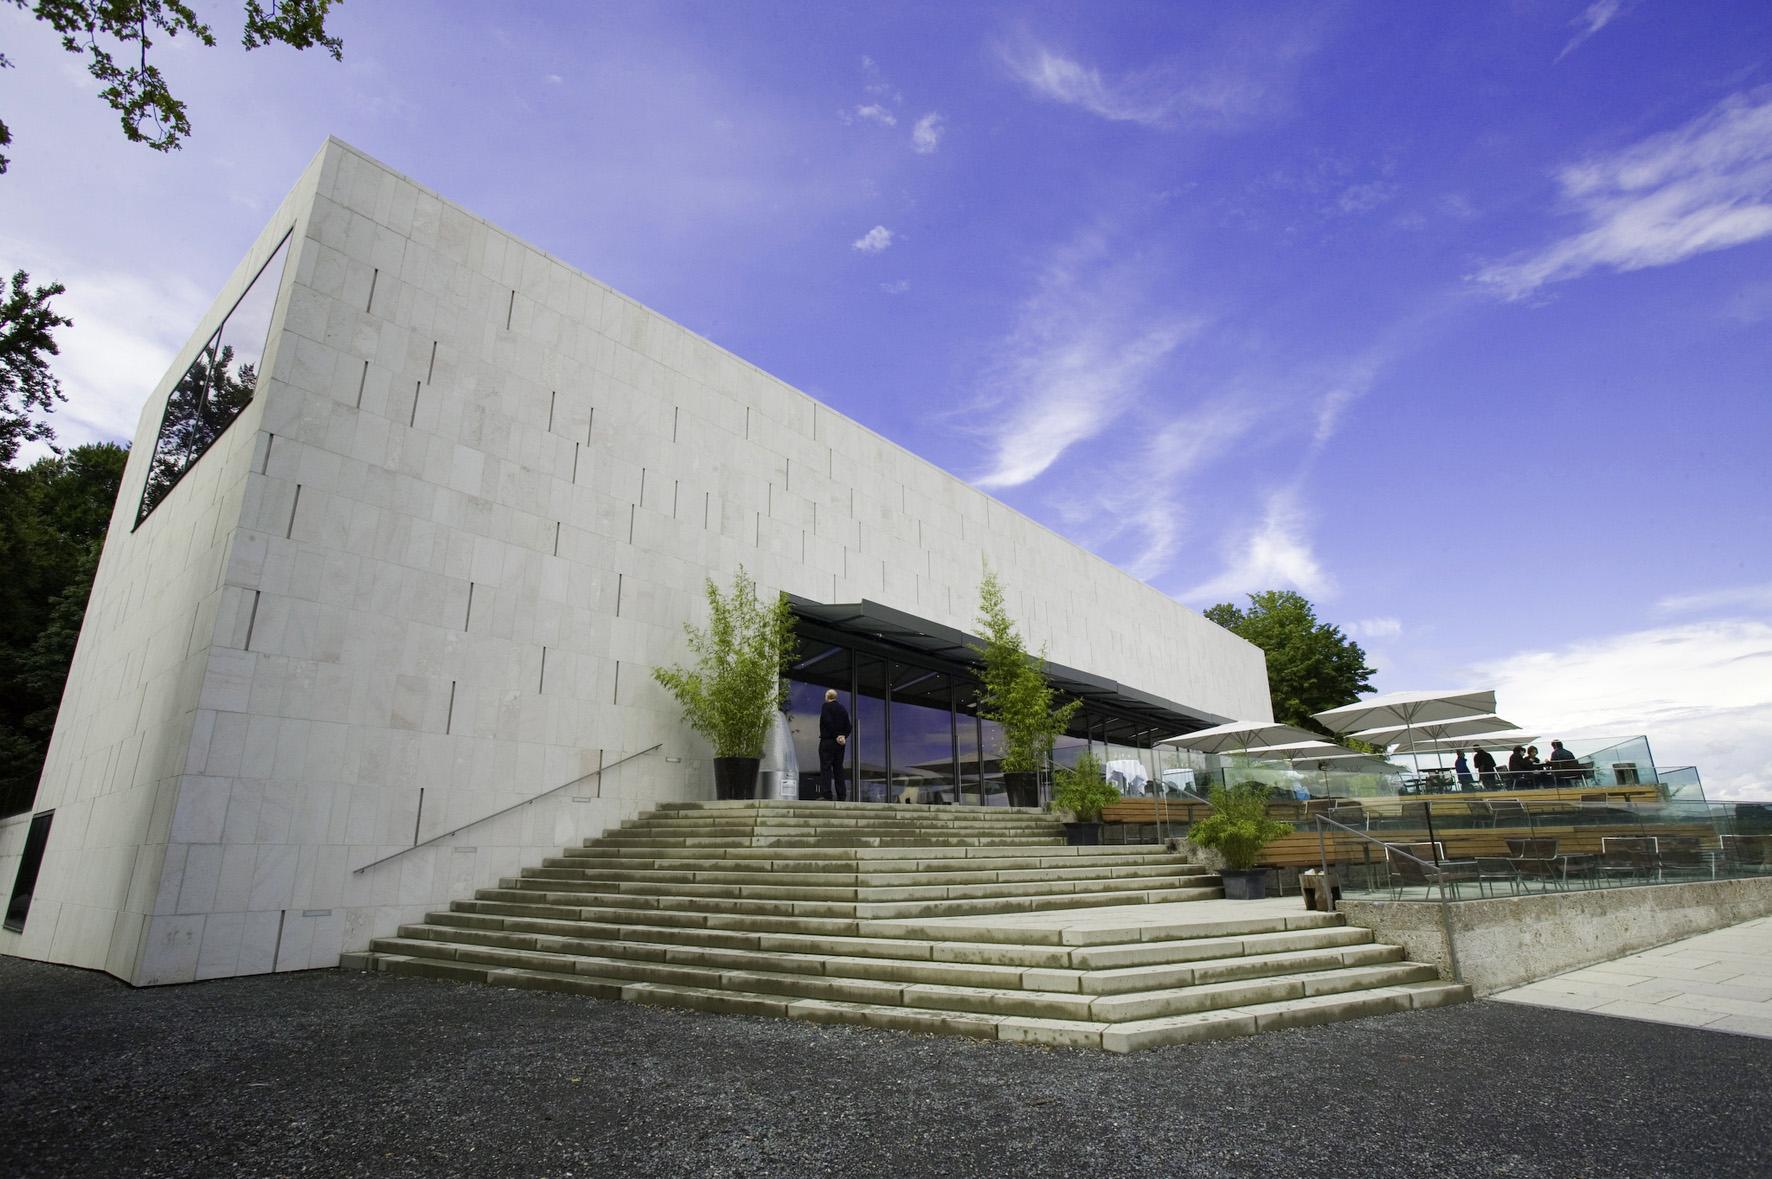 salzburg-el-museu-der-moderne-en-la-monch-secret-world